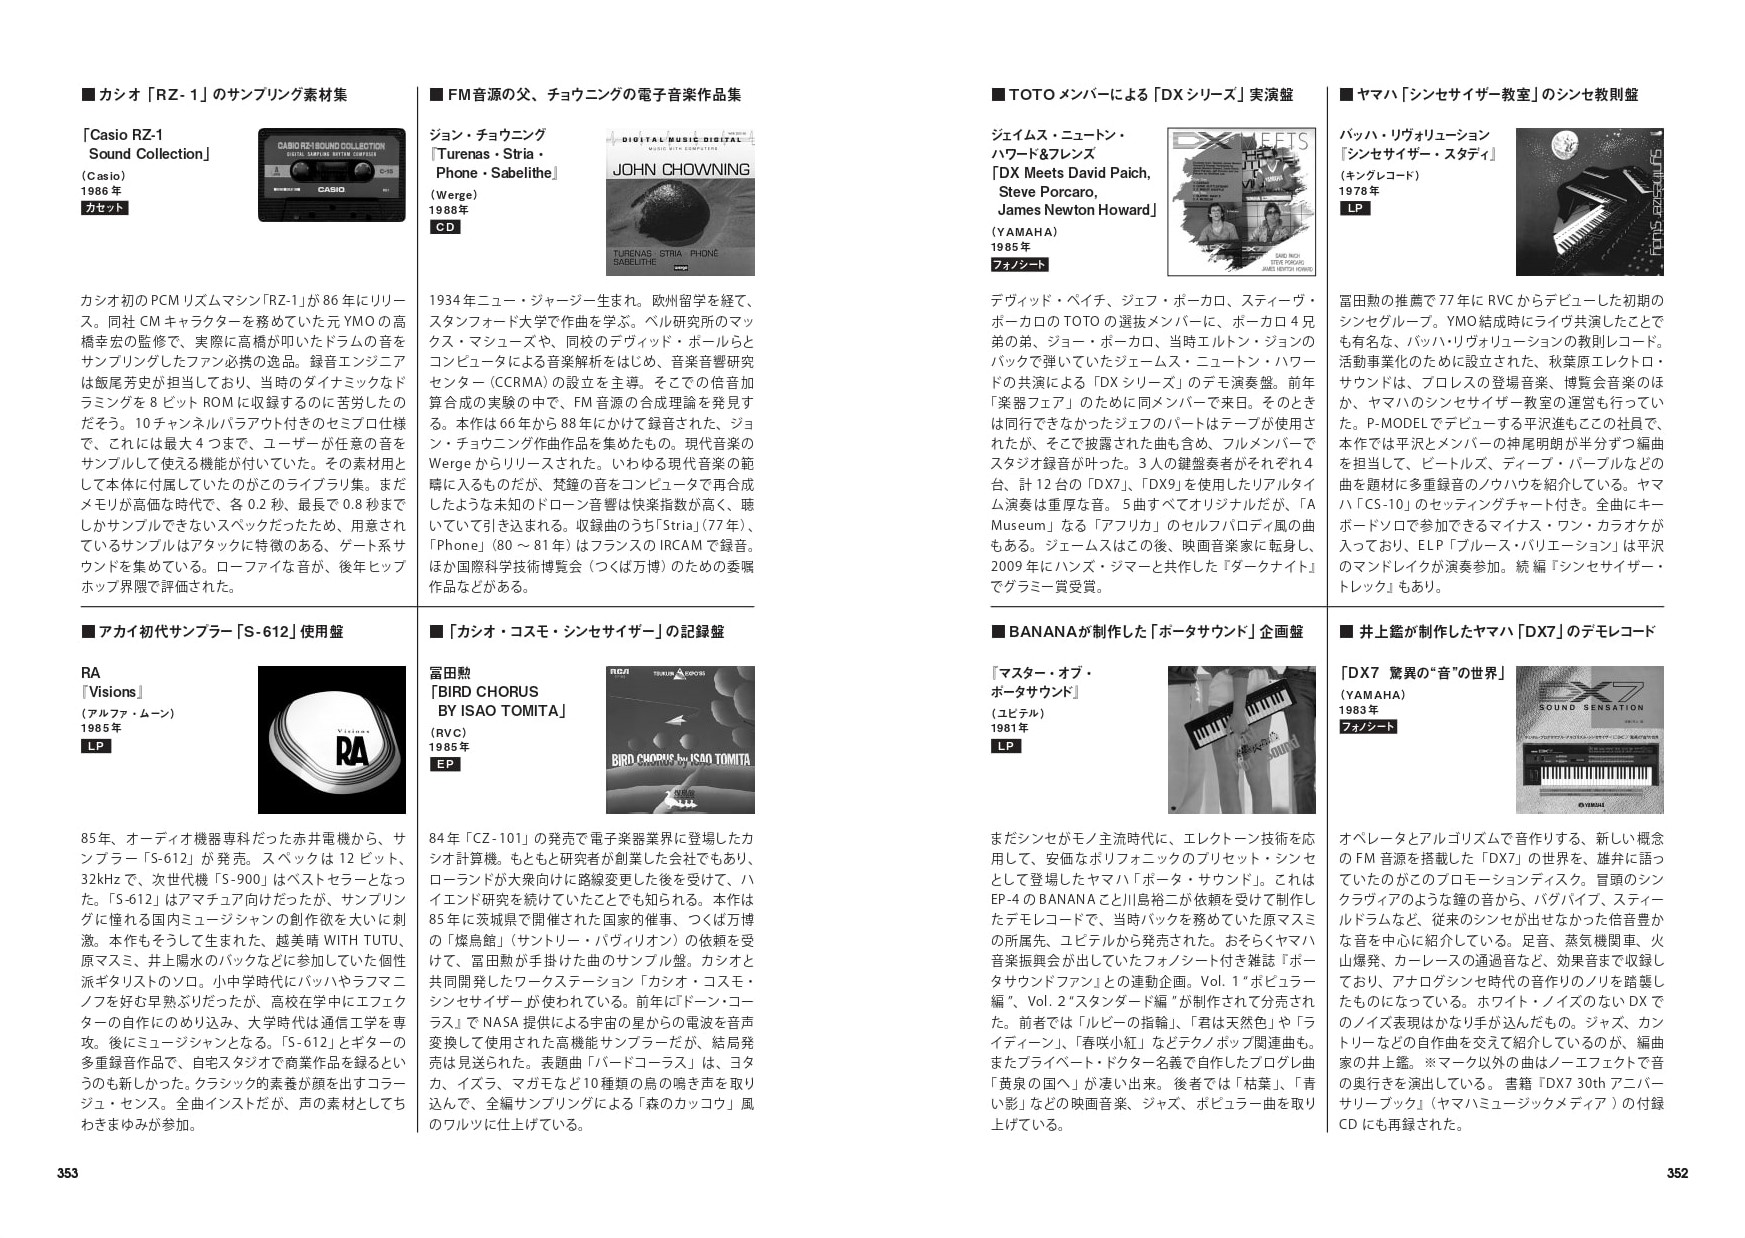 田中雄二 - TR-808<ヤオヤ>を作った神々 ──菊本忠男との対話──電子音楽 in JAPAN外伝 : BOOK gallery 5